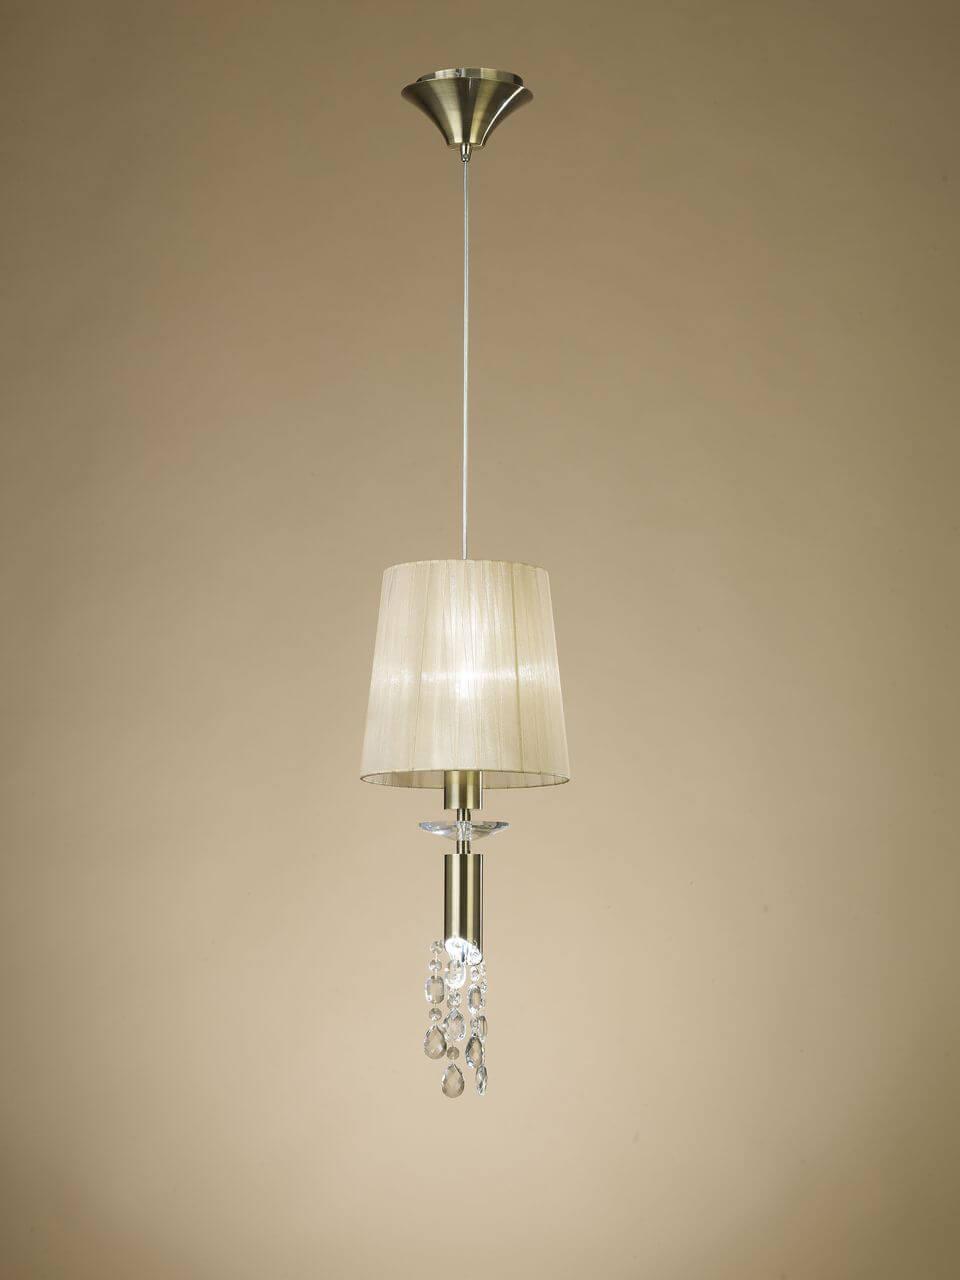 Подвесной светильник Mantra 3881, G9, 33 Вт подвесной светильник mantra sahara 4860